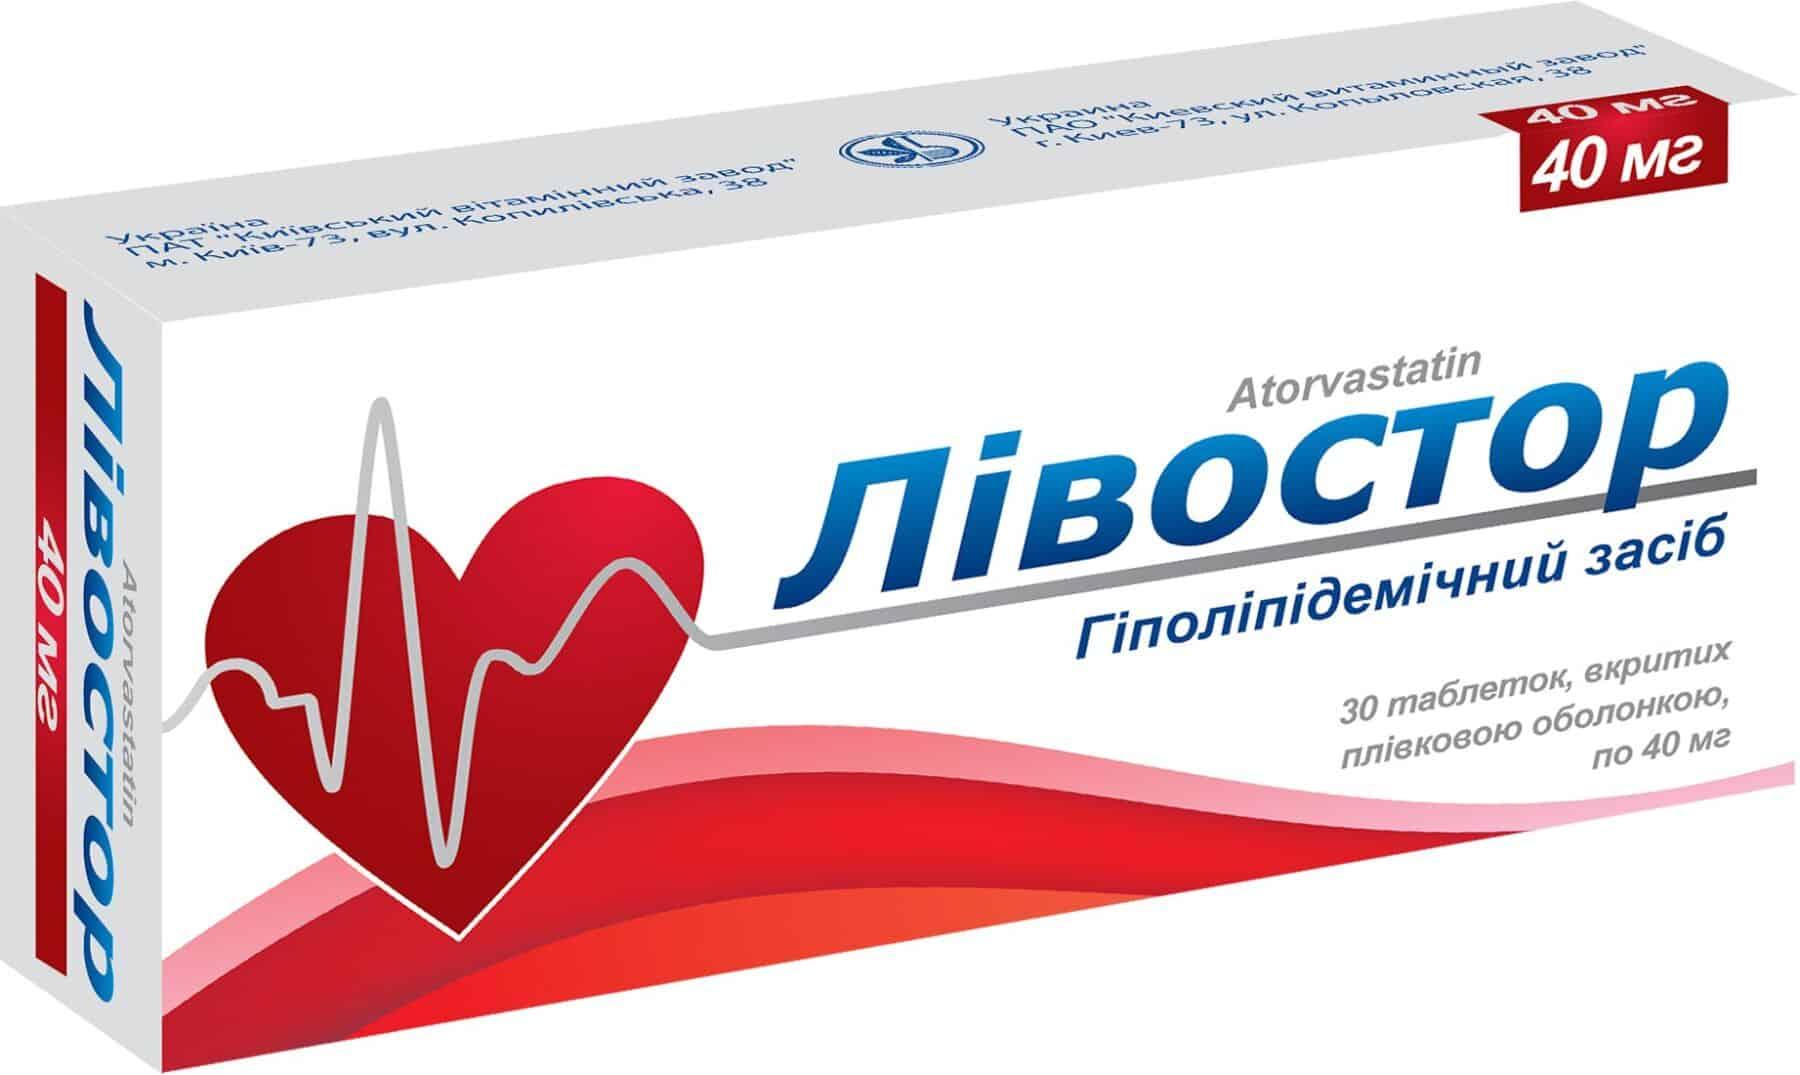 Livostor coated tablets 40 mg. №30